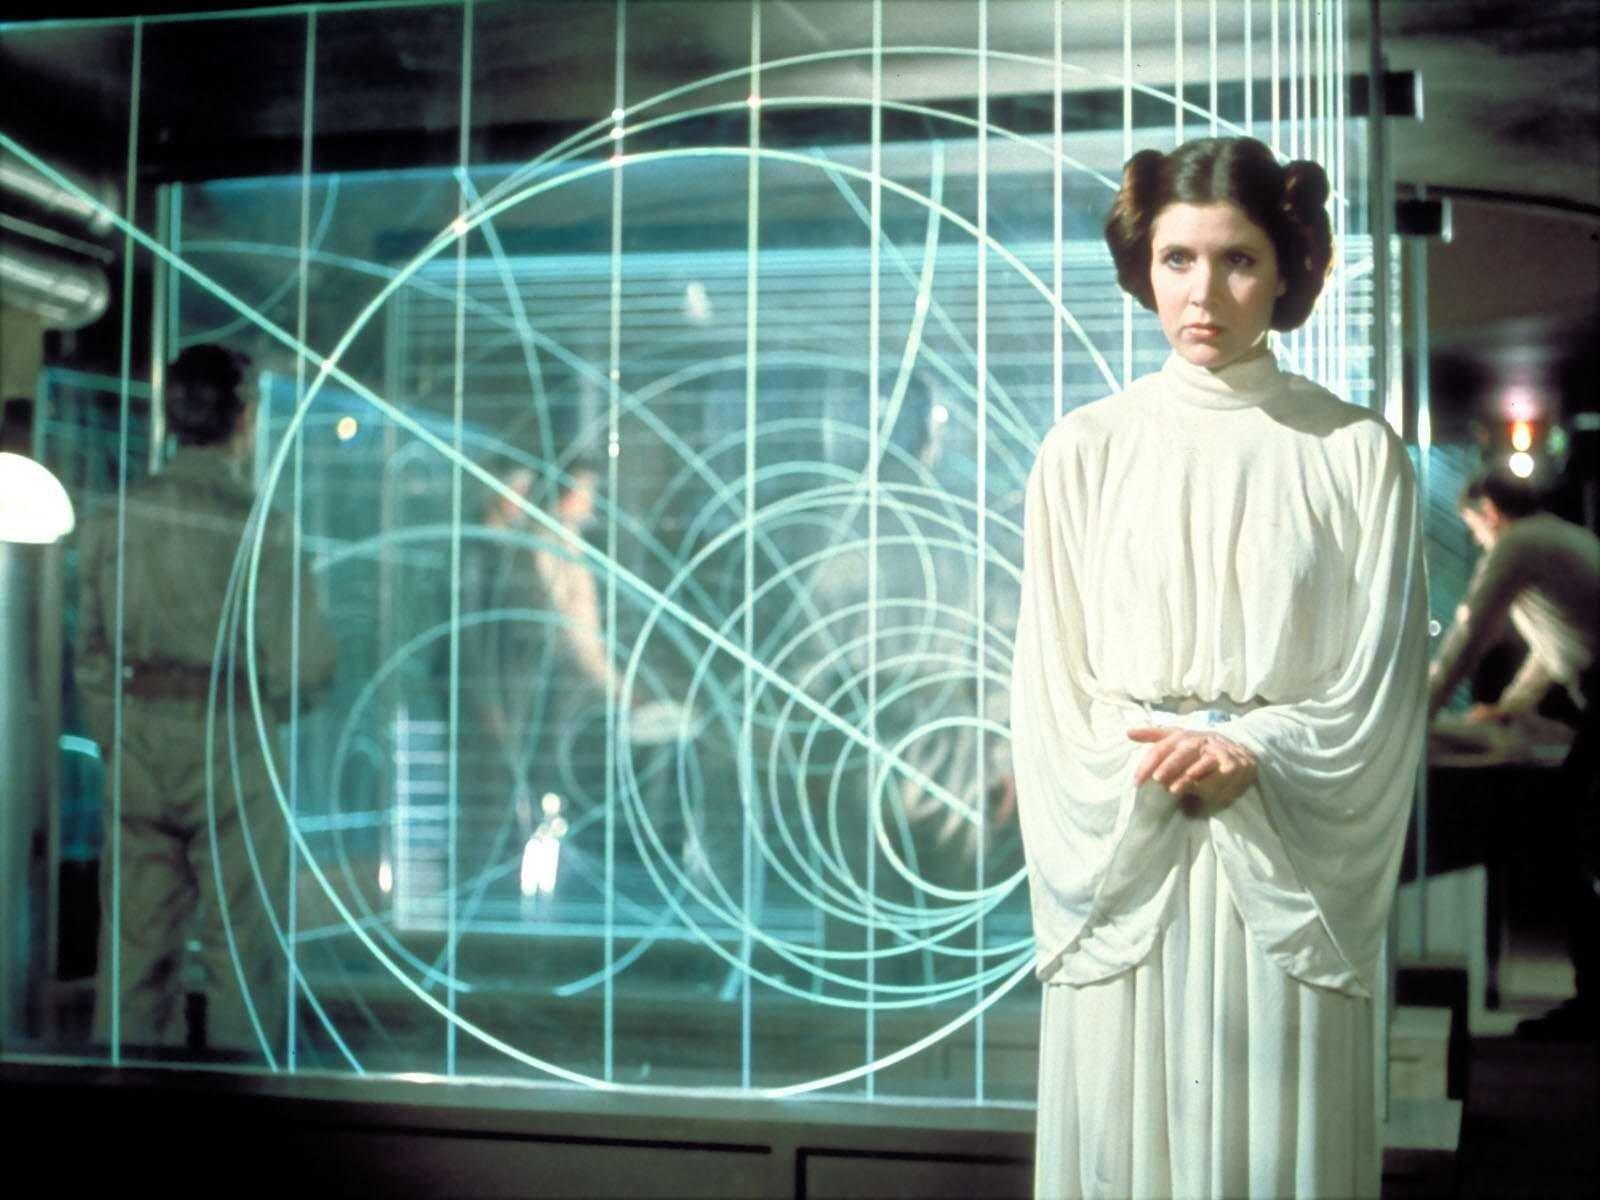 电影 - 星球大战  Princess Leia Carrie Fisher 壁纸